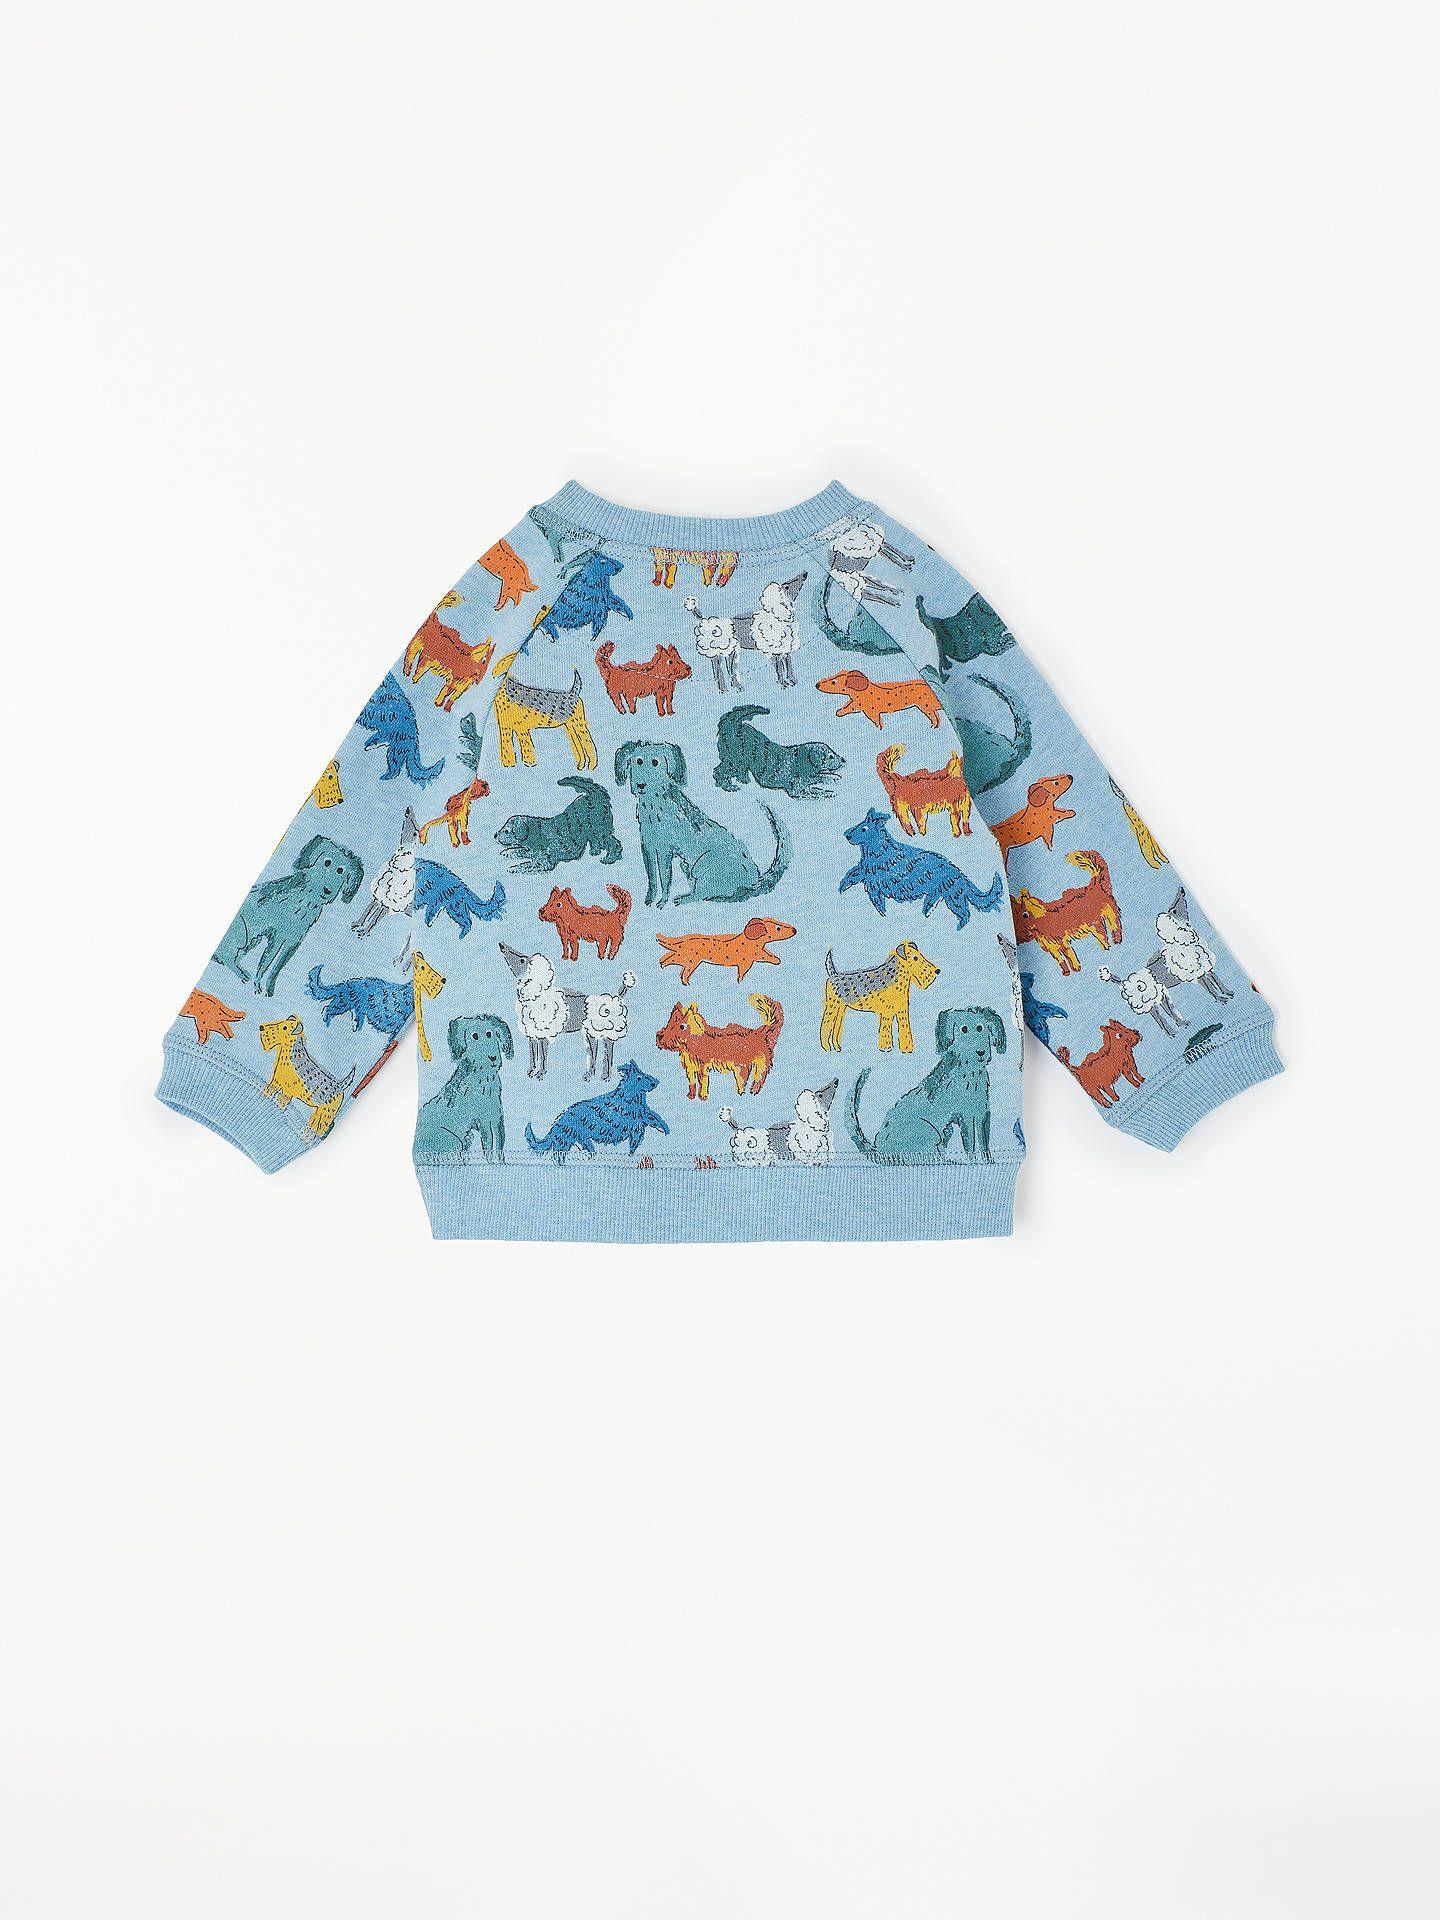 33801ff66933 BuyJohn Lewis   Partners Baby Dog Print Sweatshirt